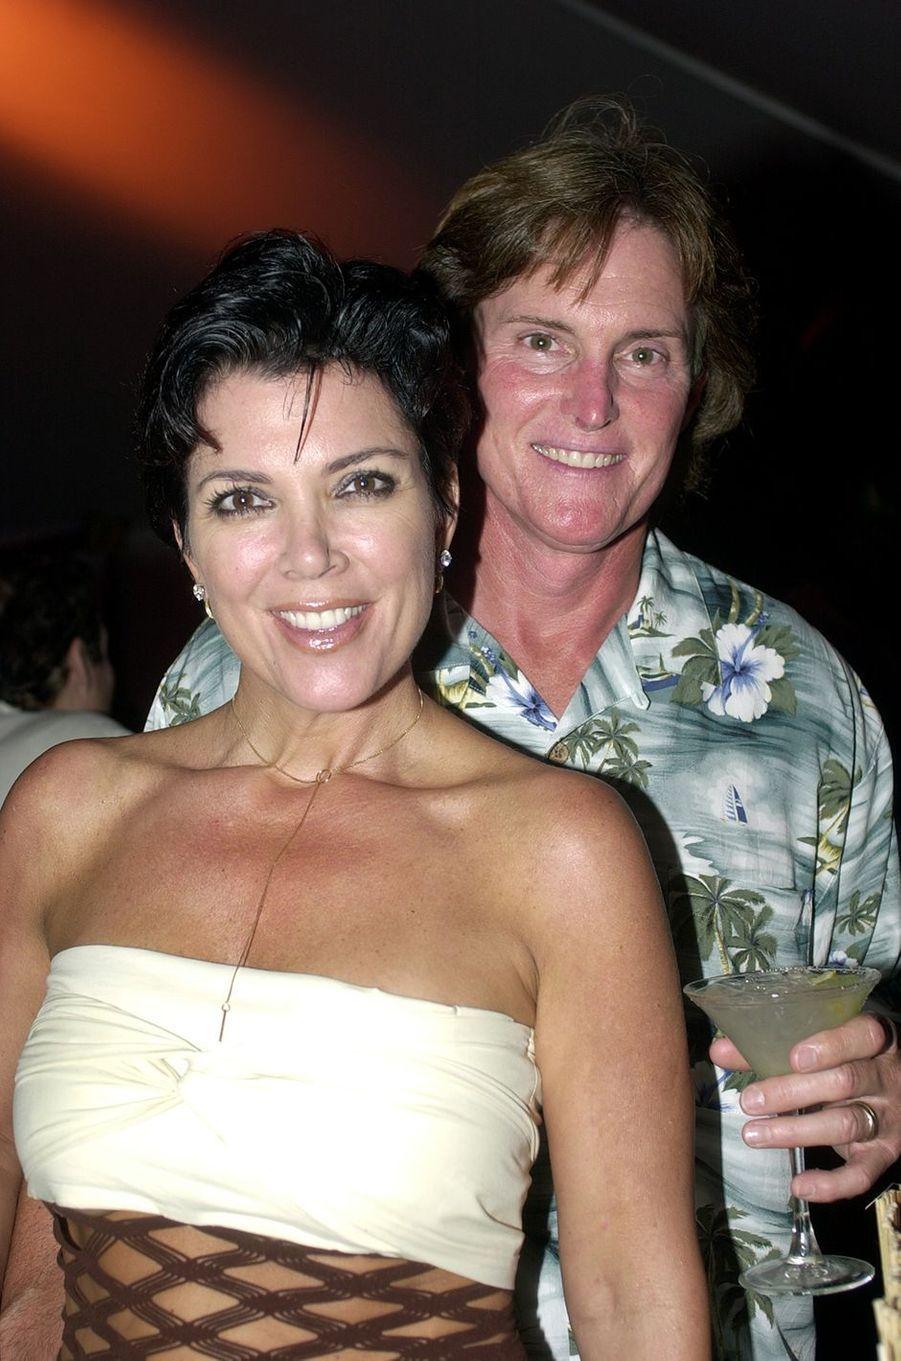 Kris et Bruce Jenner lors d'une soirée à Long Island en 2001